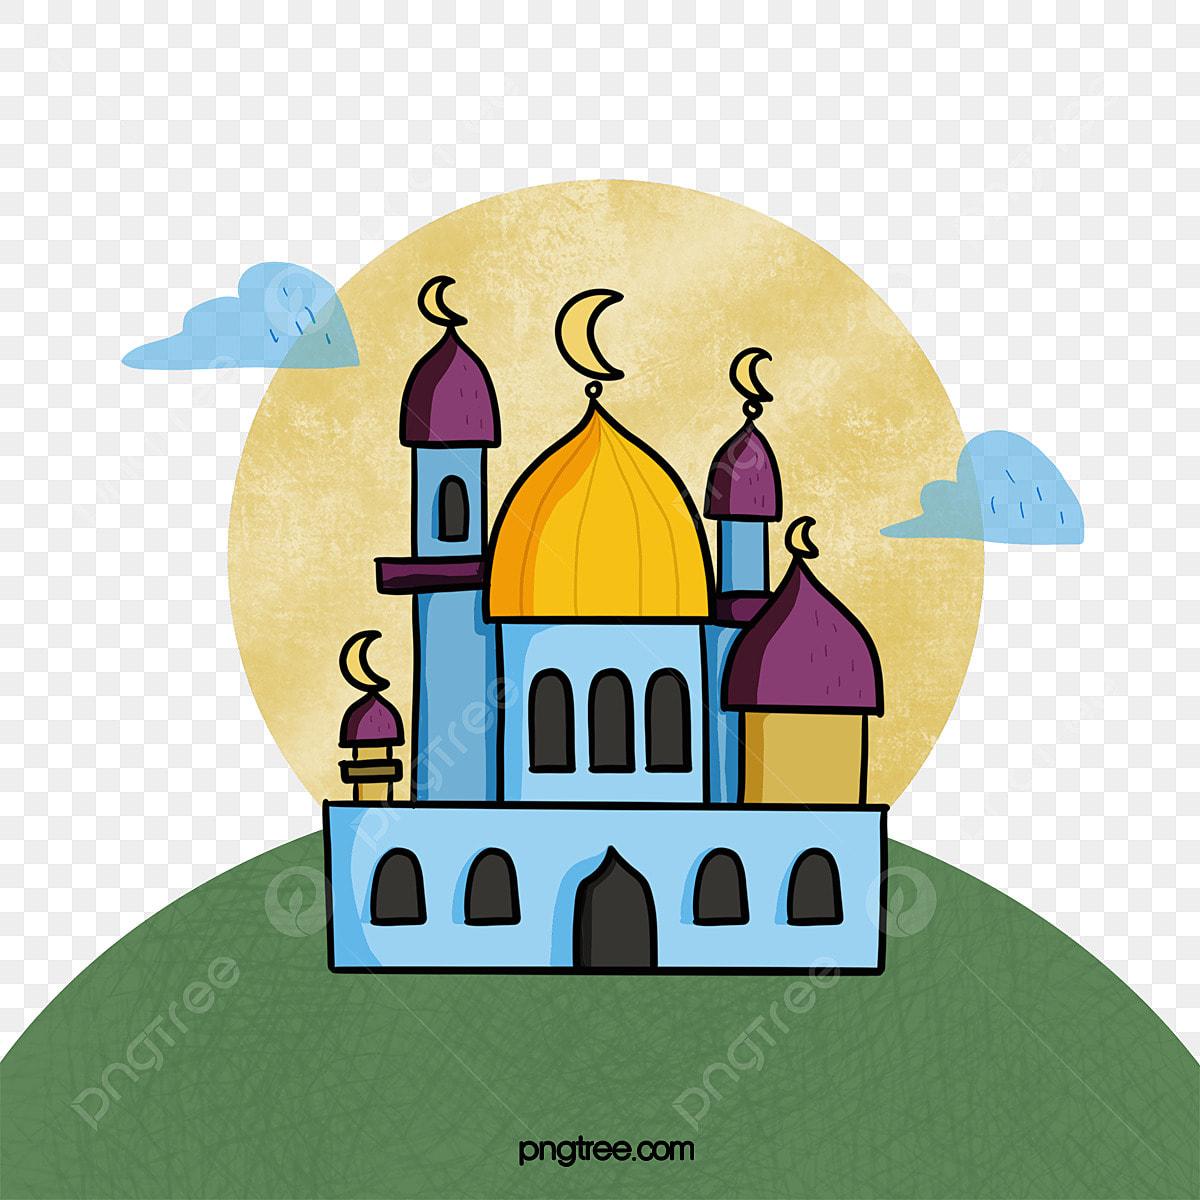 Lukisan Tangan Gaya Kartun Masjid Islam Kartun Ramadan Fail Png